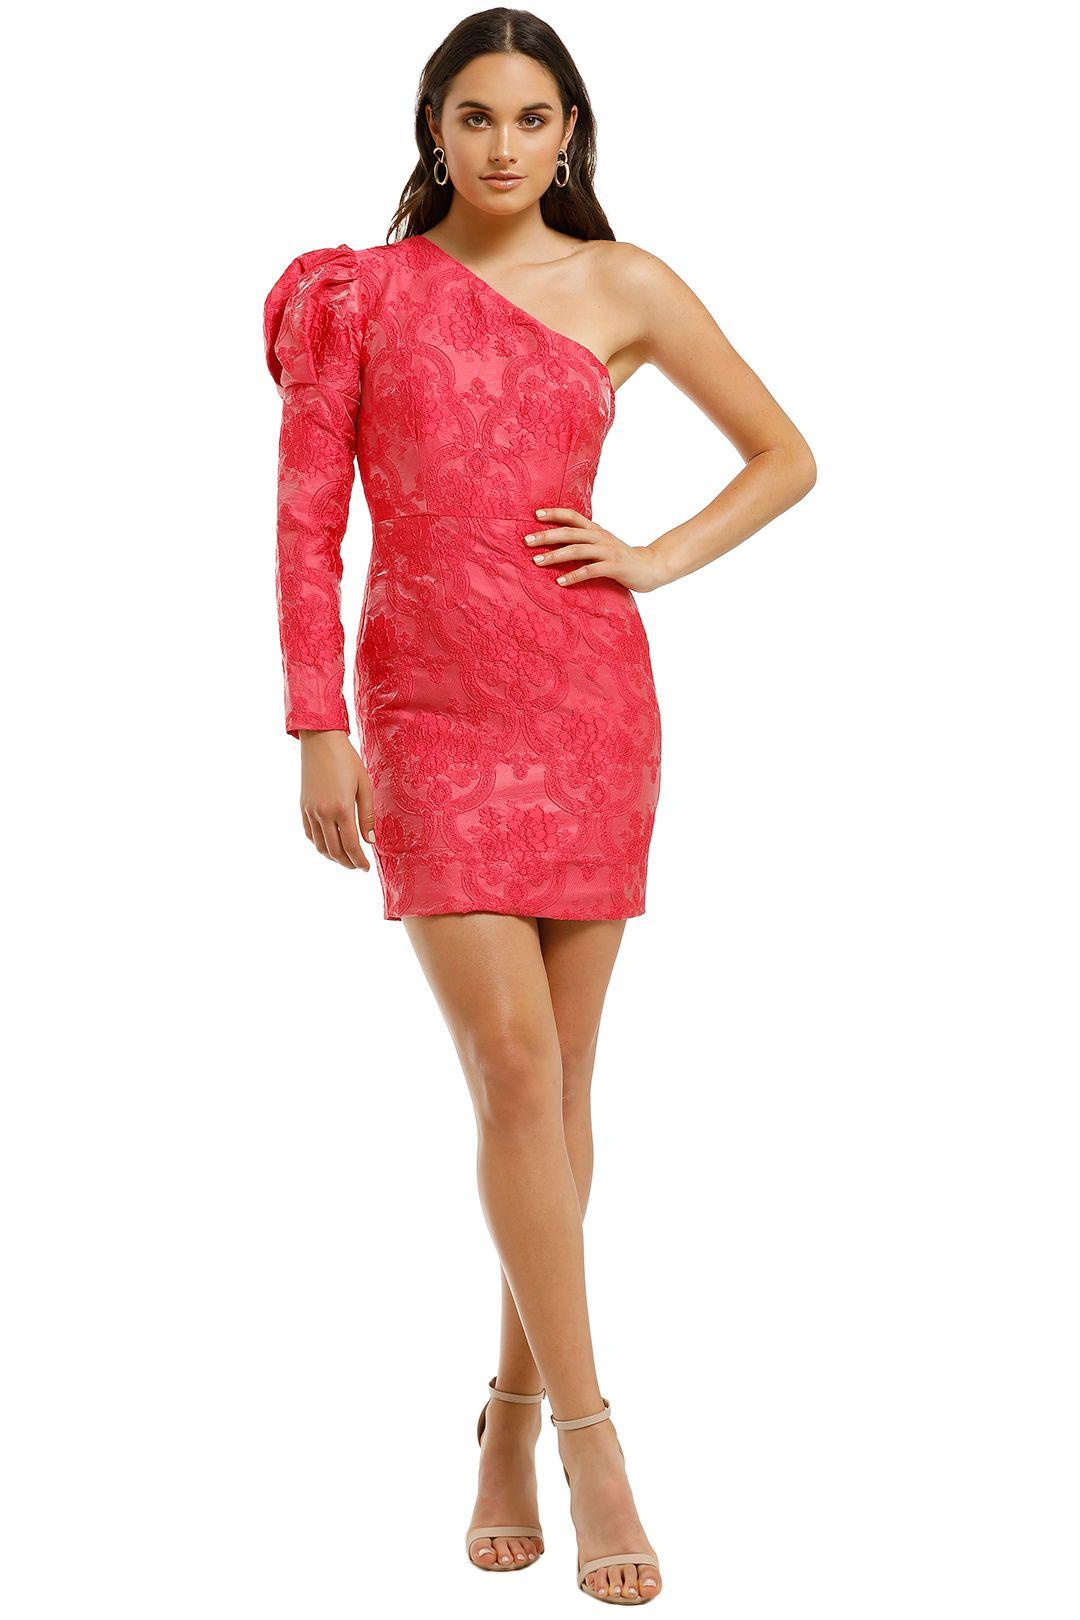 Bianca-and-Bridgett-Joy-Mini-Dress-Pink-Front